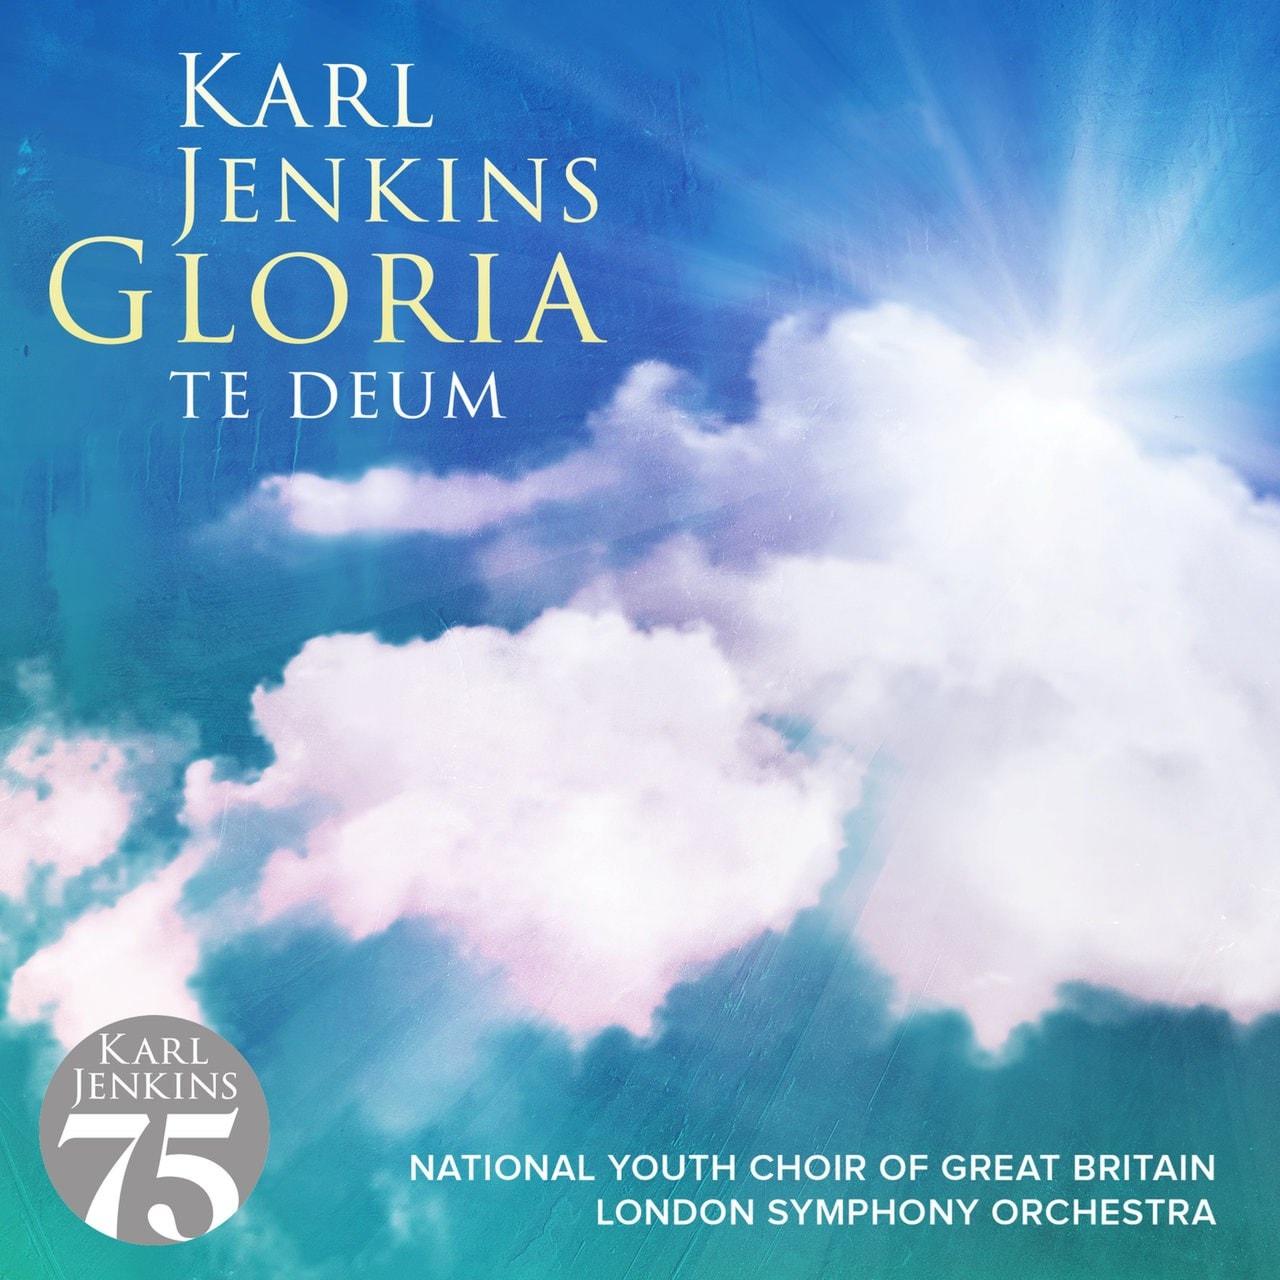 Karl Jenkins: Gloria - Te Deum - 1